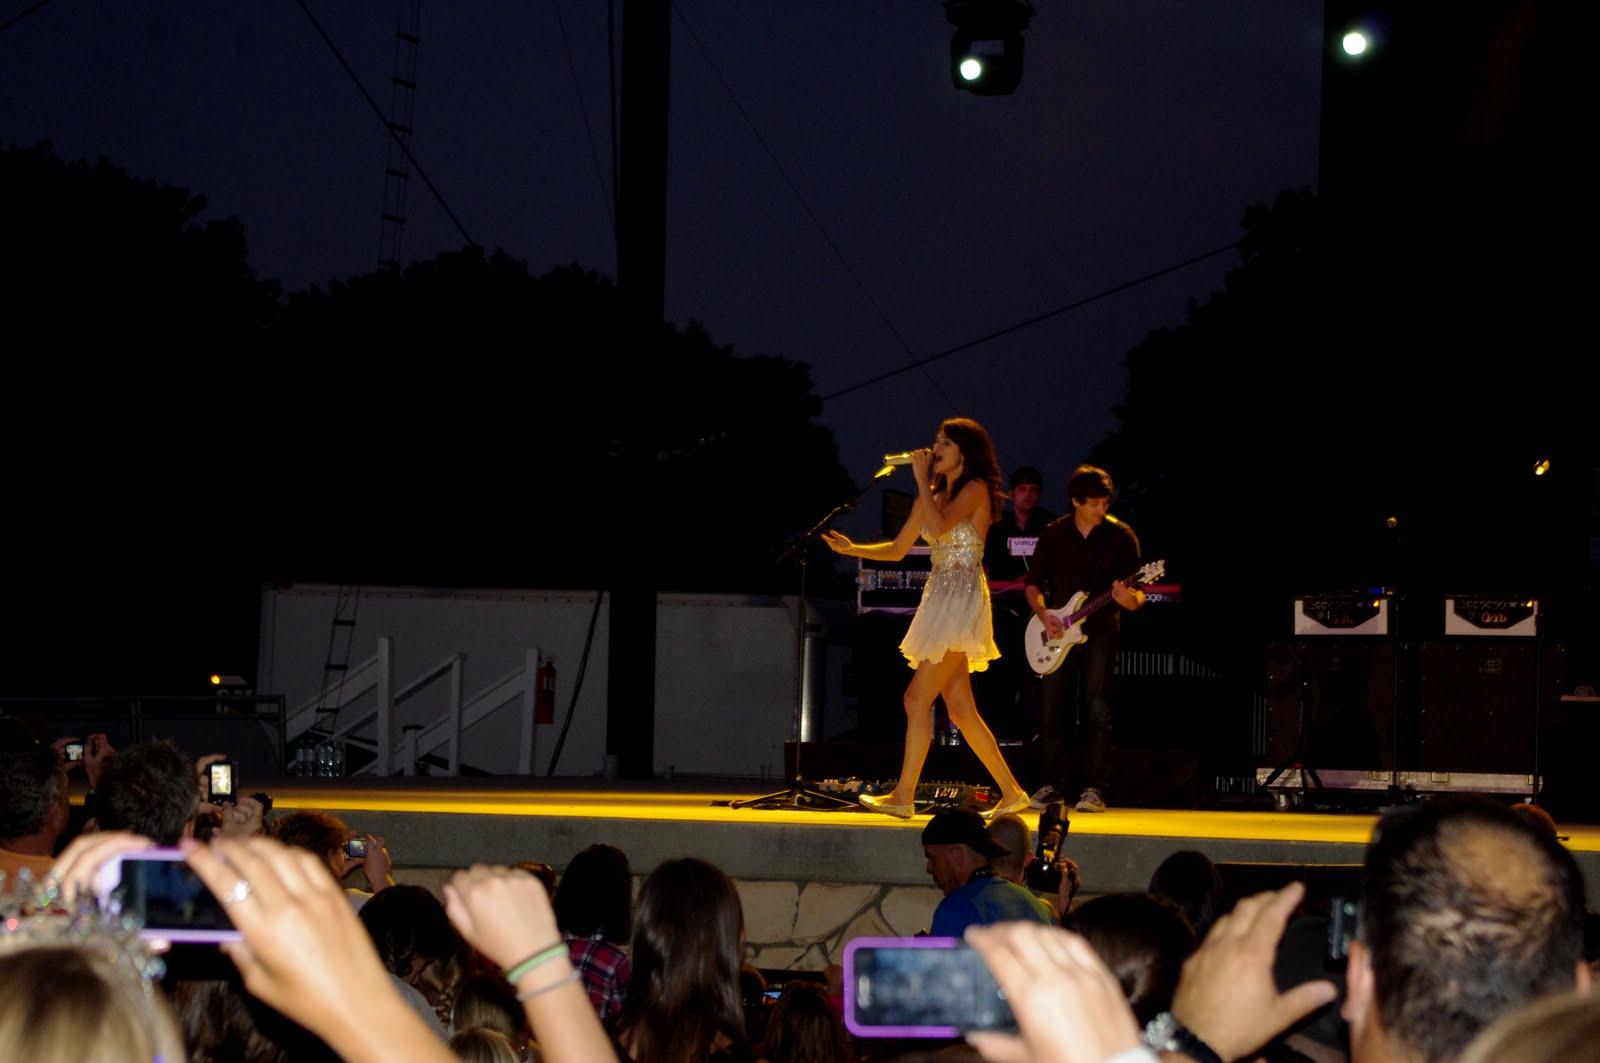 http://4.bp.blogspot.com/-OxgfzobNd4I/TjcvTRSJ2ZI/AAAAAAAAD44/lTep2Li7a2U/s1600/June-July+2011+139.JPG